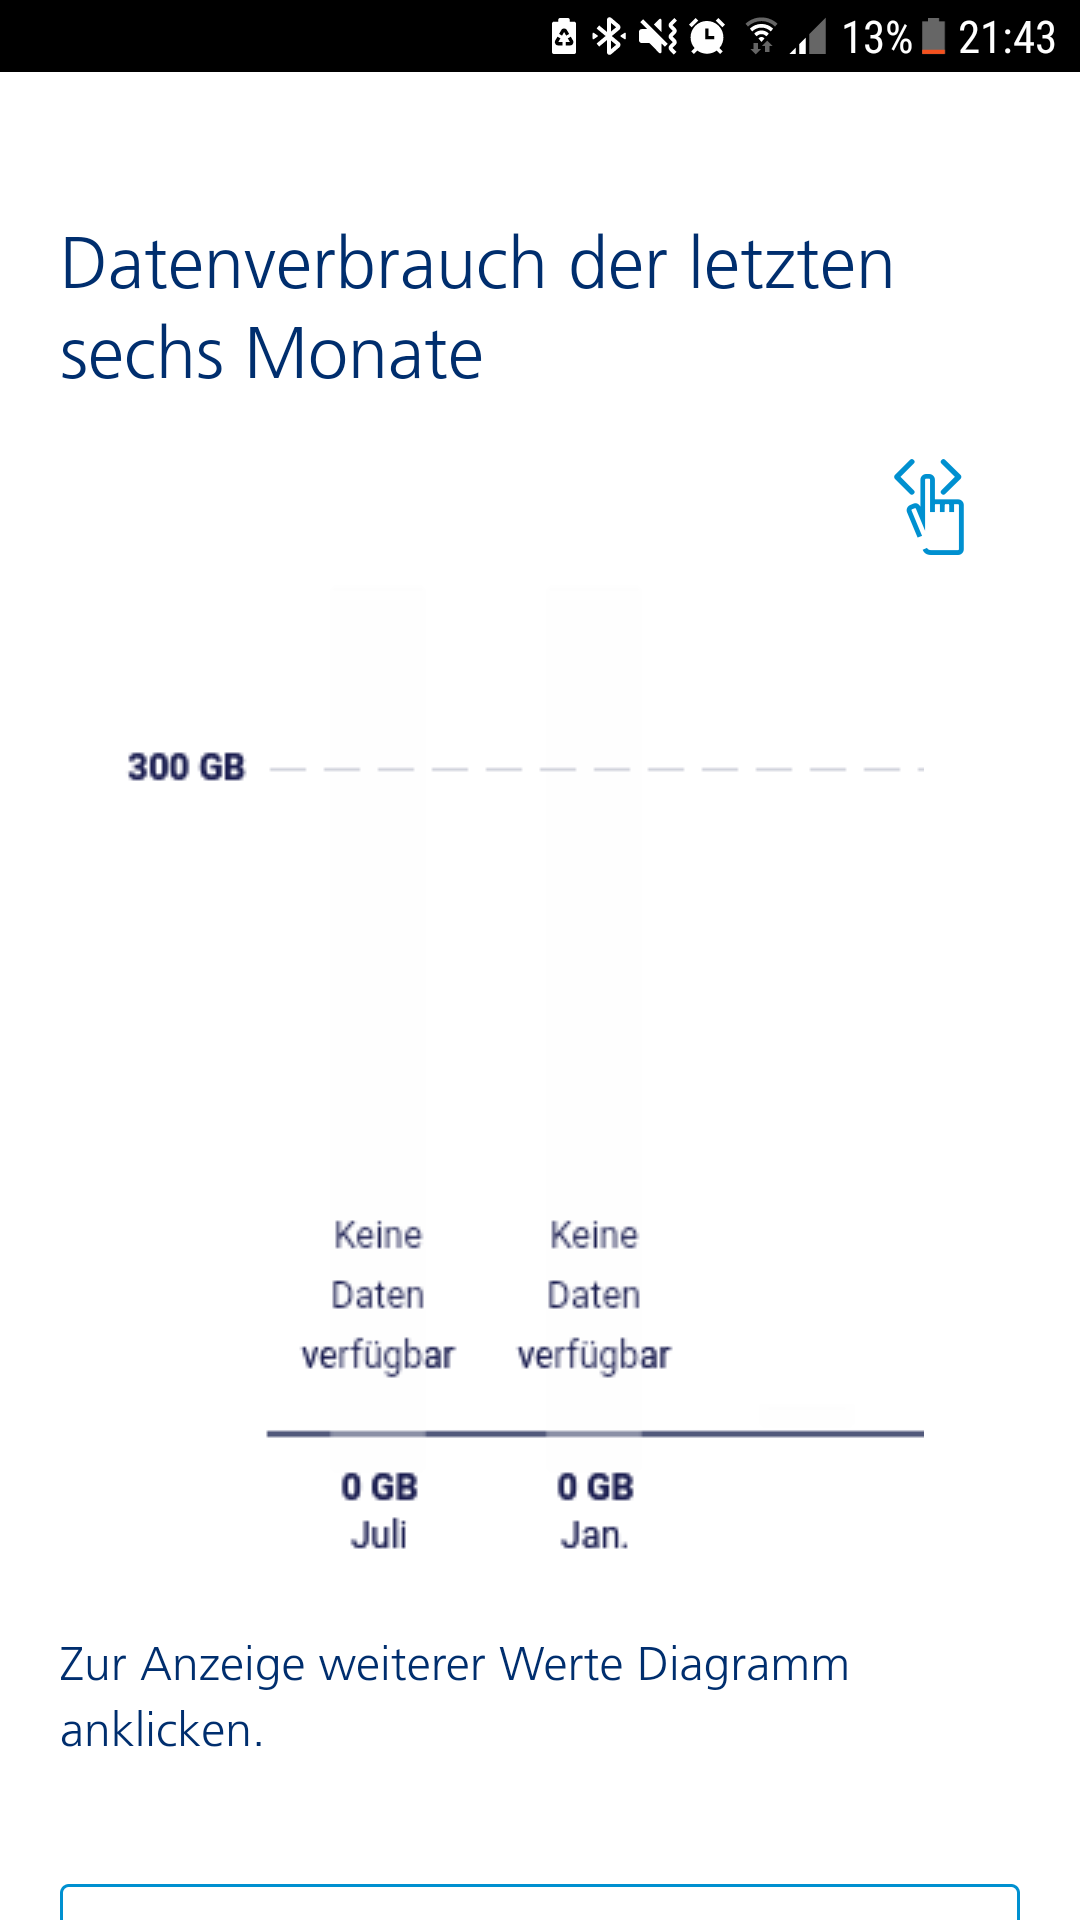 Datenverbrauch der letzten monate dsl würde nicht dargestellt | O₂ ...